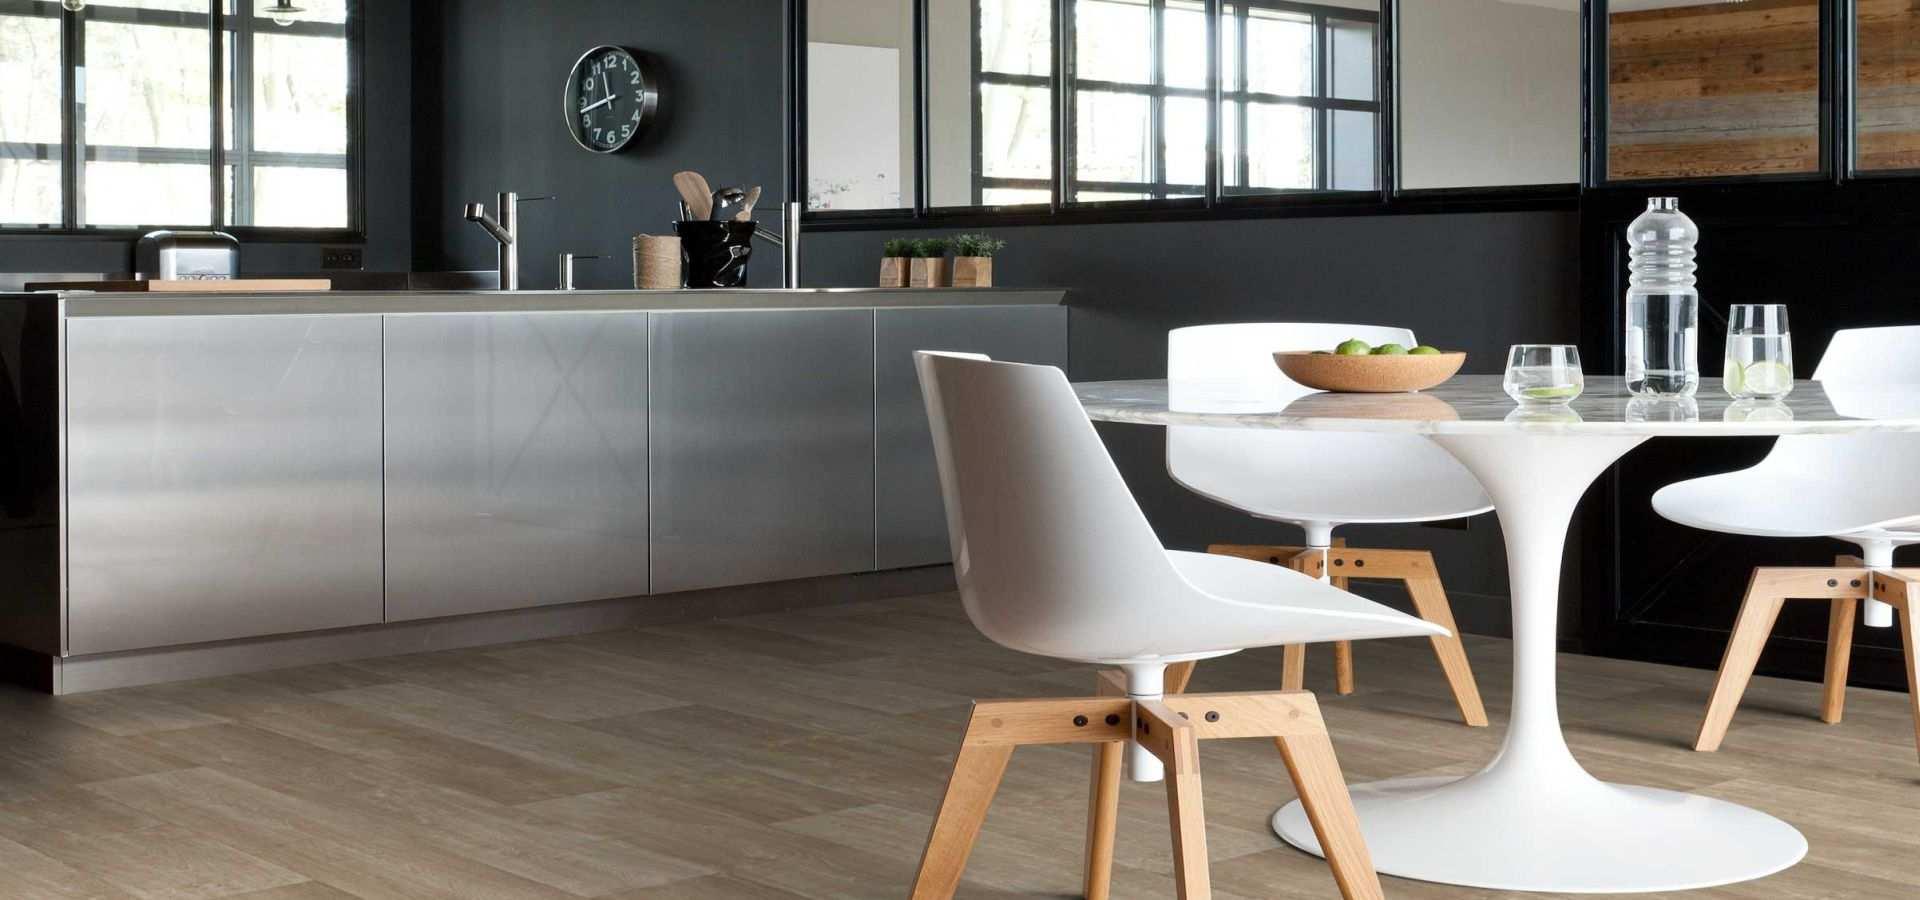 Bild Küche Vinylboden Holz hell Landhausdiel